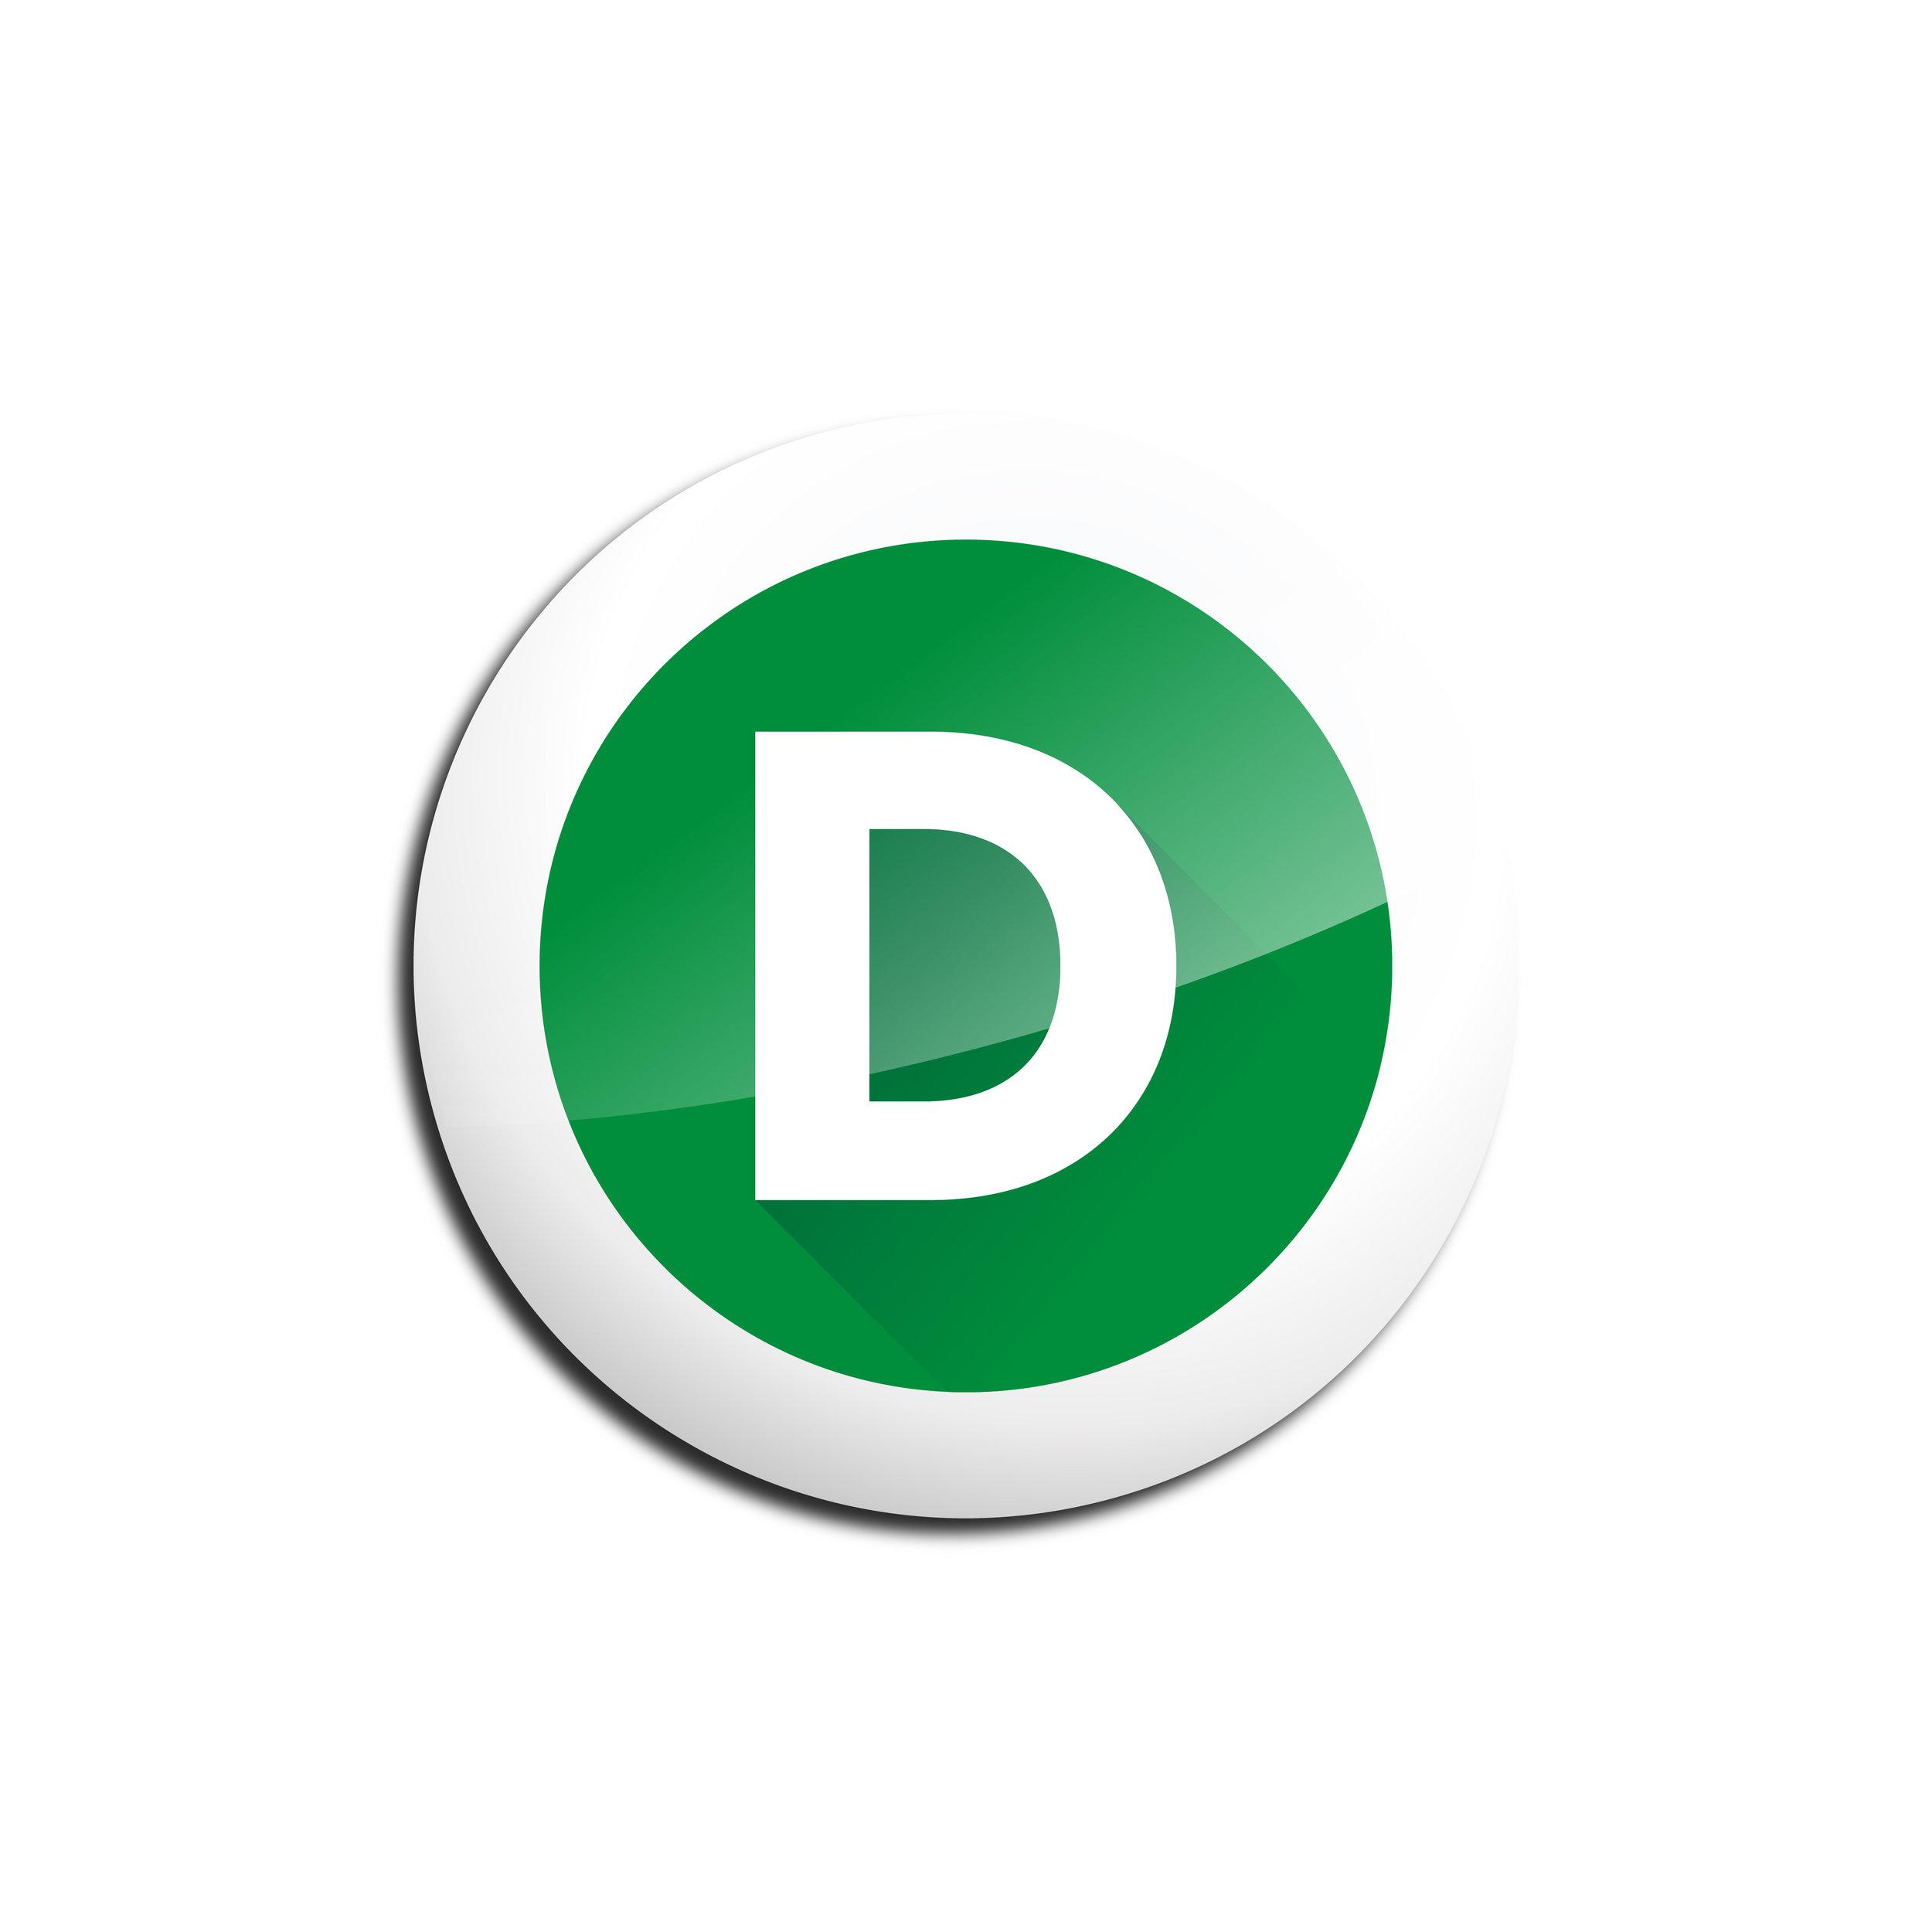 d green.jpg